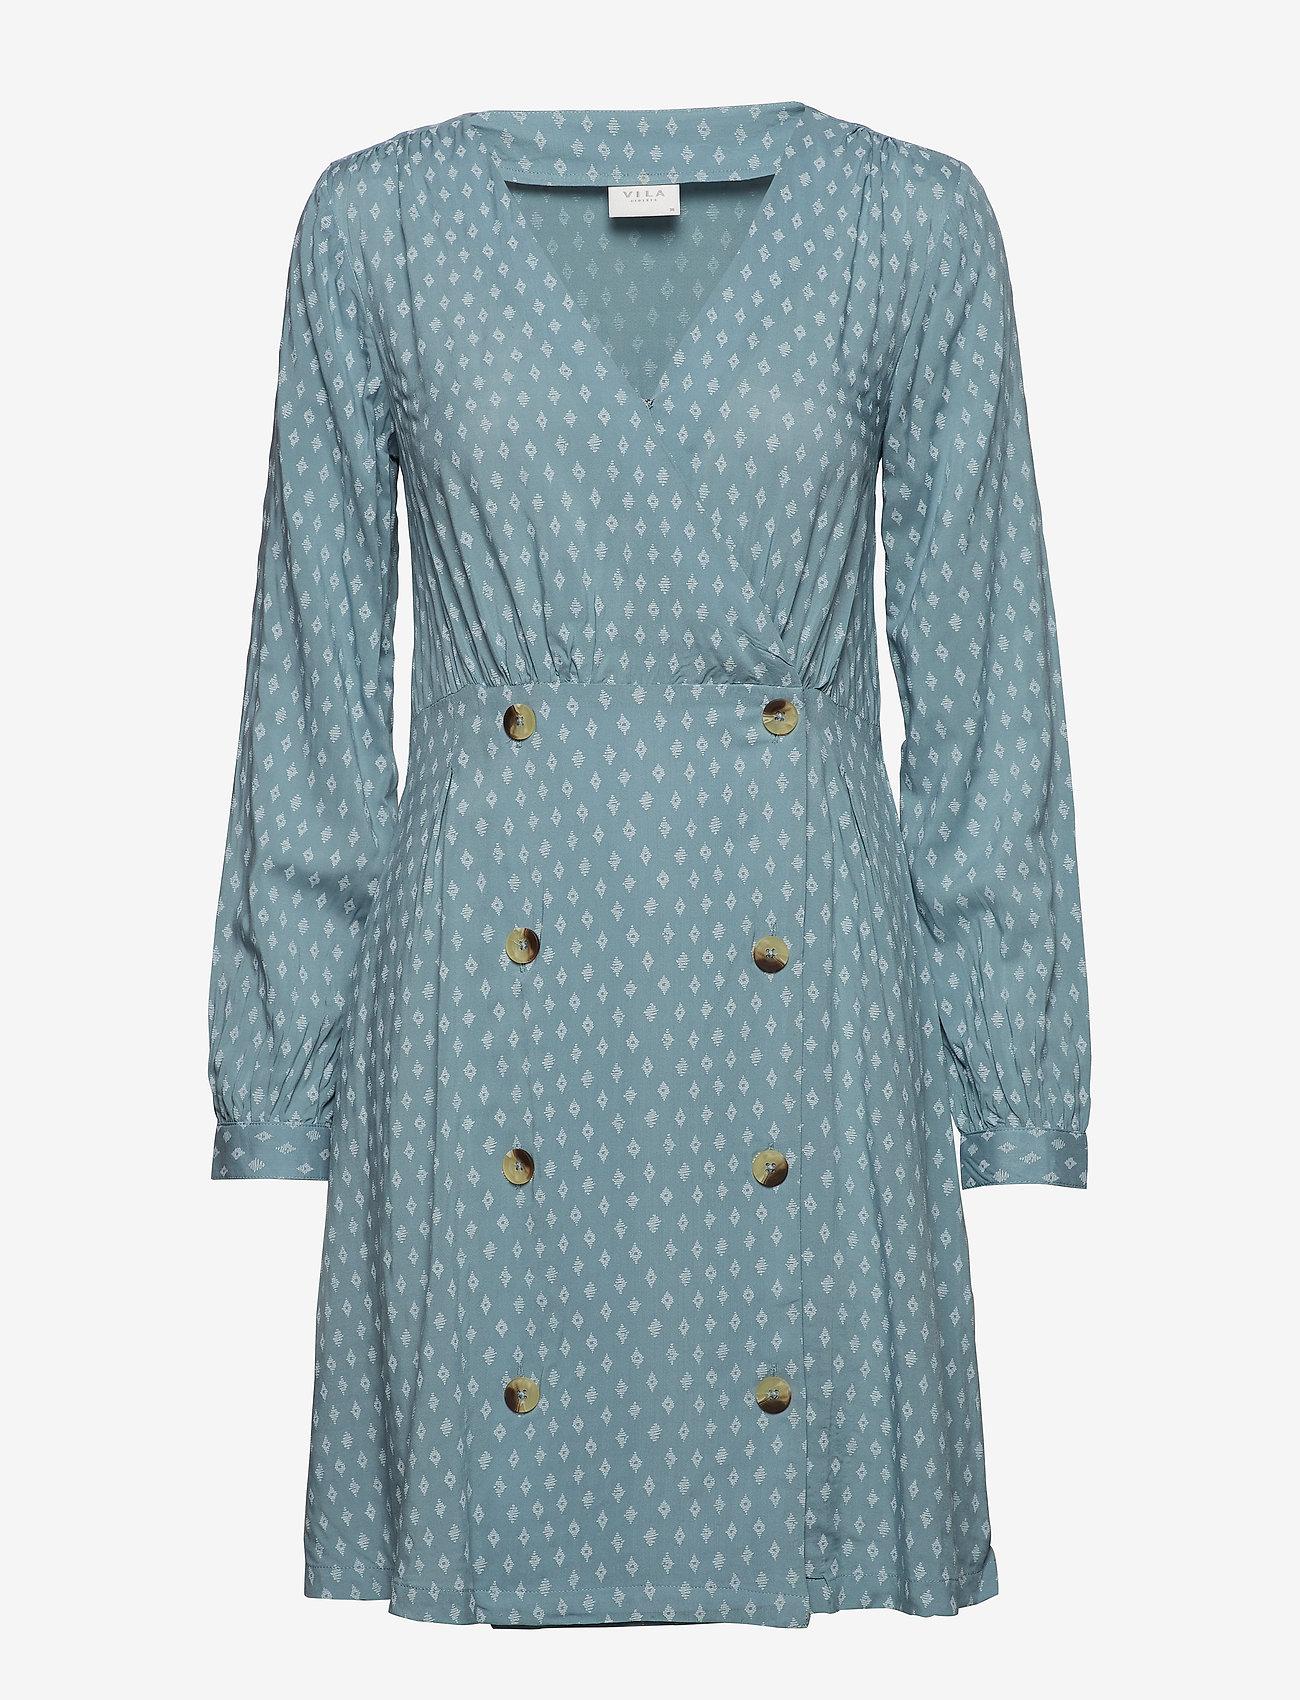 Vila - VIDIAM L/S DRESS - short dresses - citadel - 0